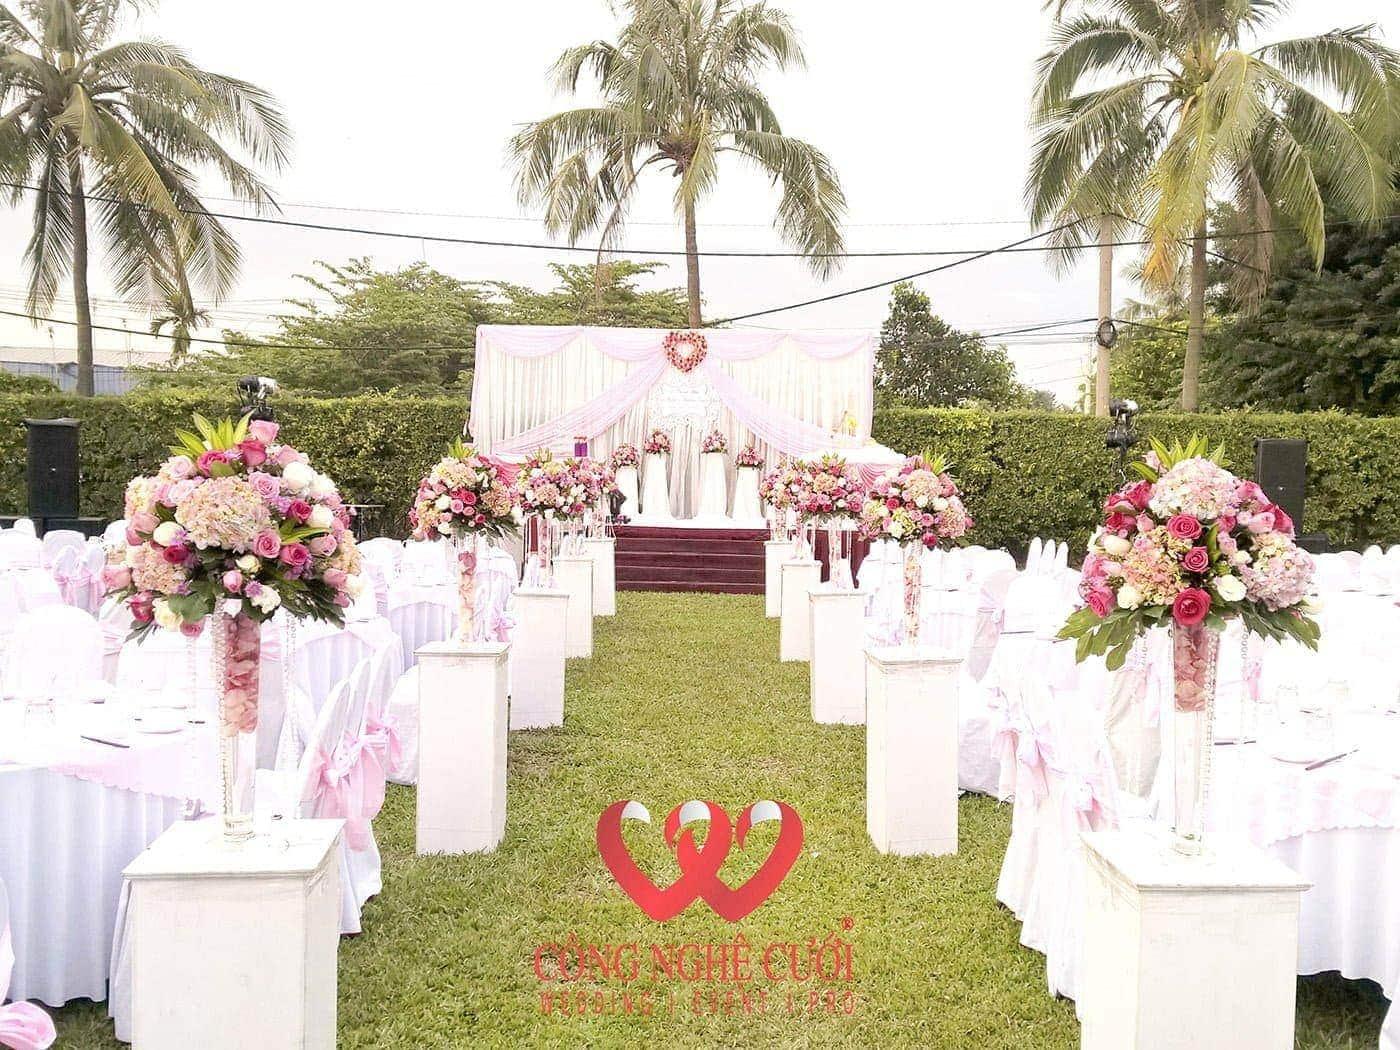 Tiệc cưới ngoài trời tông màu hồng